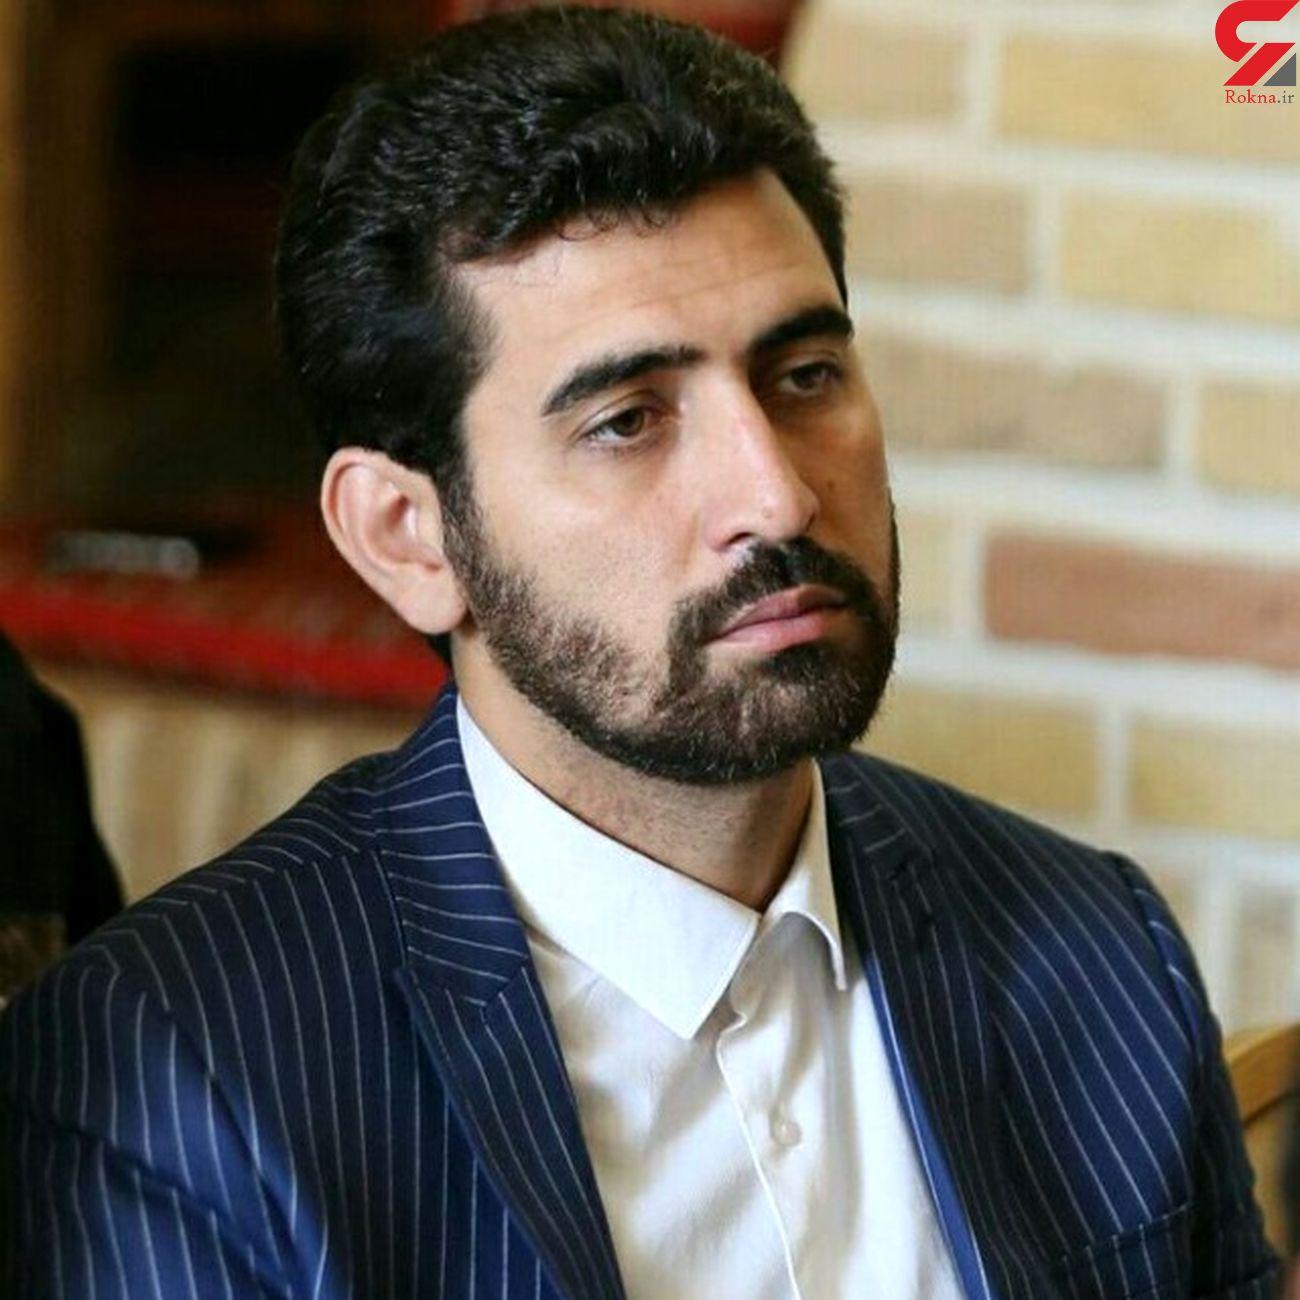 صد نقطه برای تبلیغات انتخاباتی در شهر کرمانشاه مهیا شده است